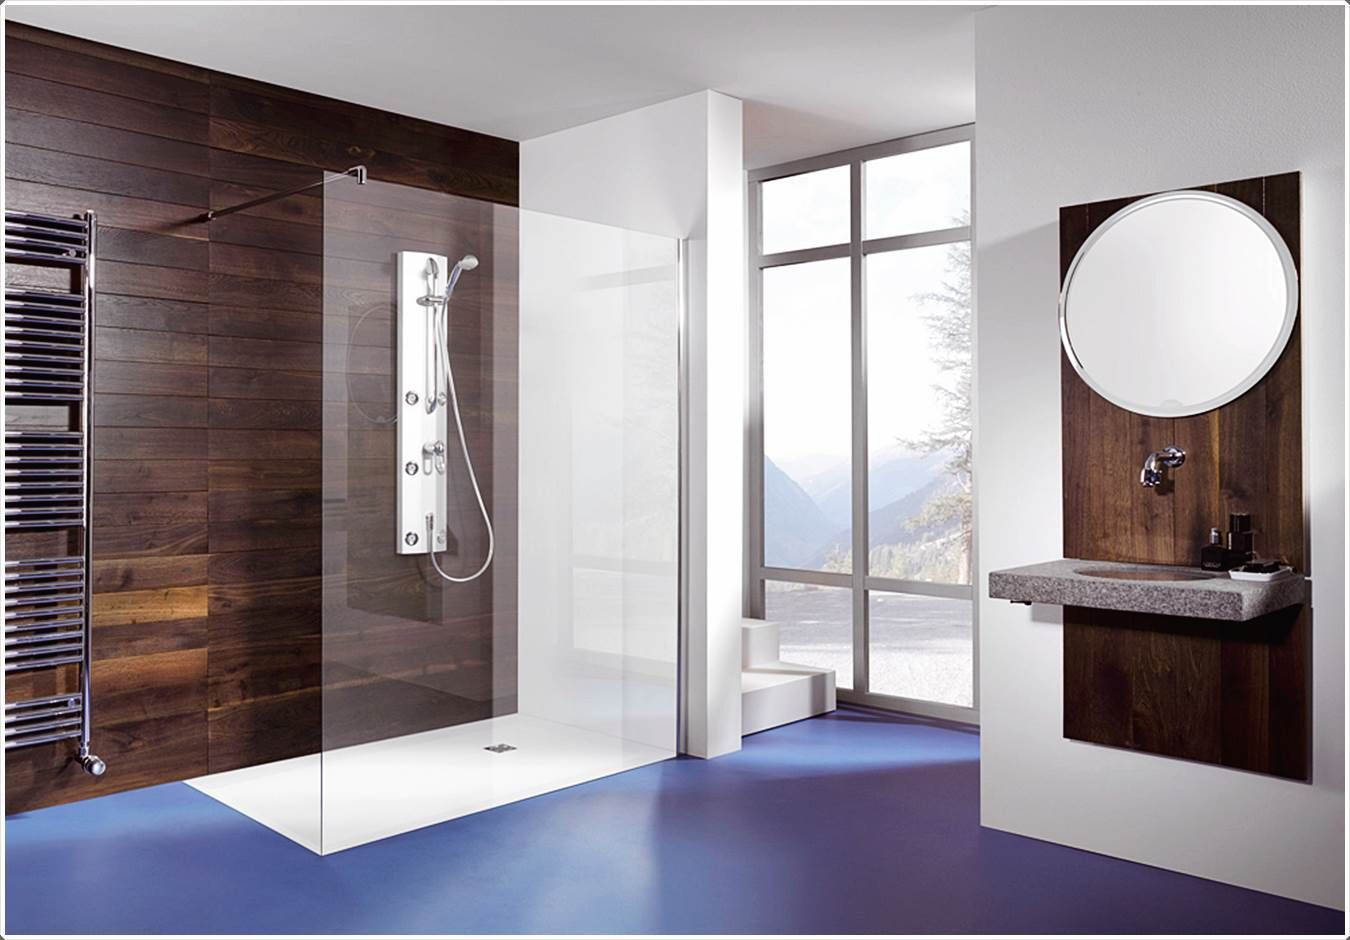 Bodengleiche Dusche Glaswand Duschwand, Dusche